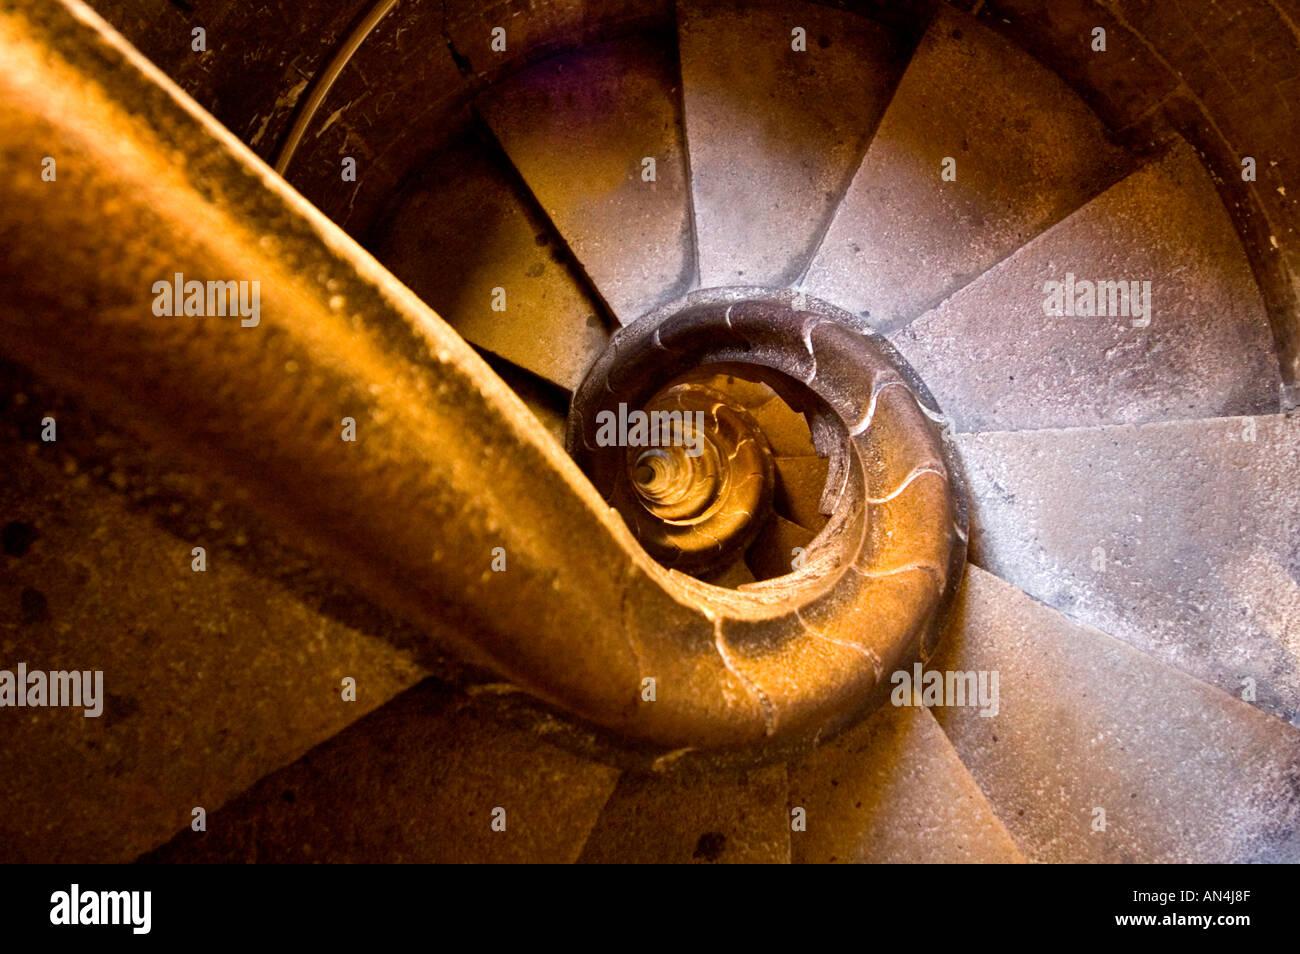 La scala a chiocciola in Sagrada Família chiesa progettata da architetto modernista Antoni Gaudí Barcellona Immagini Stock